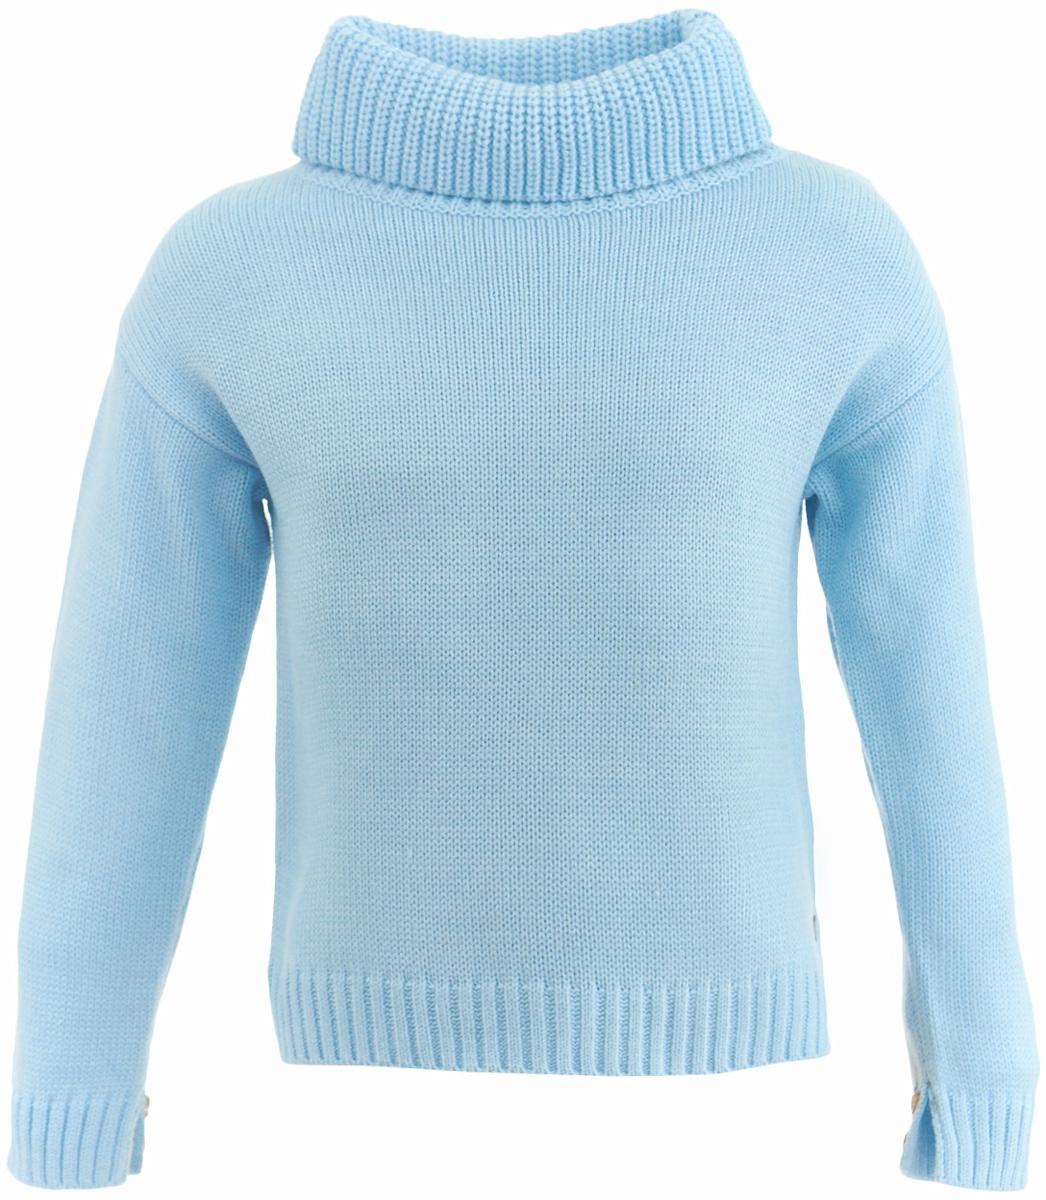 Свитер для девочки Button Blue, цвет: голубой. 217BBGC35041800. Размер 116, 6 лет217BBGC35041800Купить модный свитер для девочки - задача не из простых. А купить модный свитер недорого еще сложнее! Ведь он должен не только согревать, но и быть стильным, интересным, формируя зимний образ ребенка. Детский свитер от Button Blue - достойное и выгодное приобретение. Мягкая пряжа, свободный прямой силуэт, боковые разрезы делают свитер привлекательным. Вязаный свитер - отличный вариант для тех, кто ценит тепло, уют и комфорт.